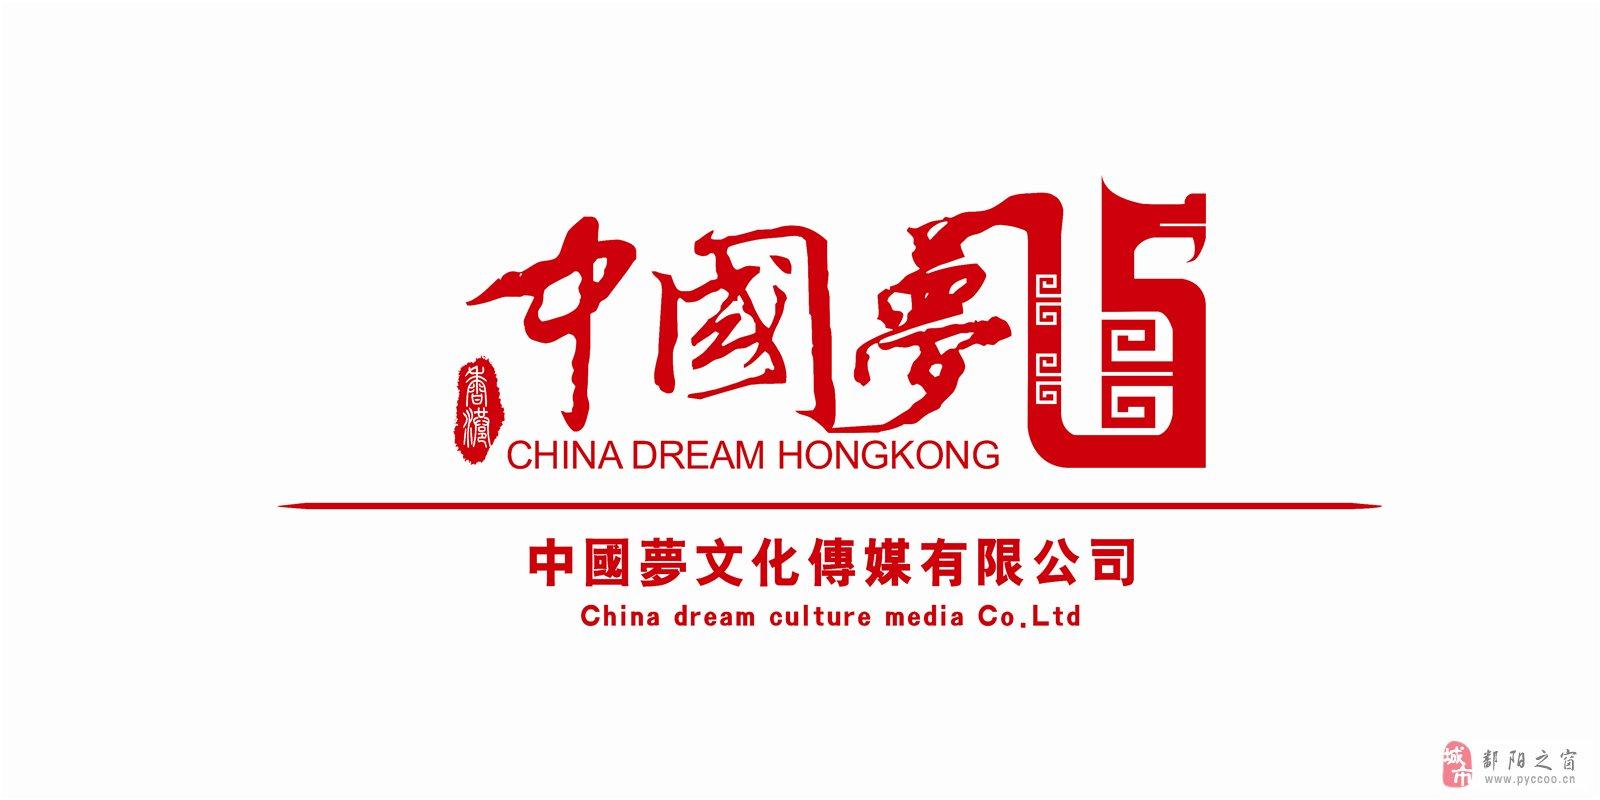 中国梦文化传媒有限公司(香港)招聘美工,设计师图片